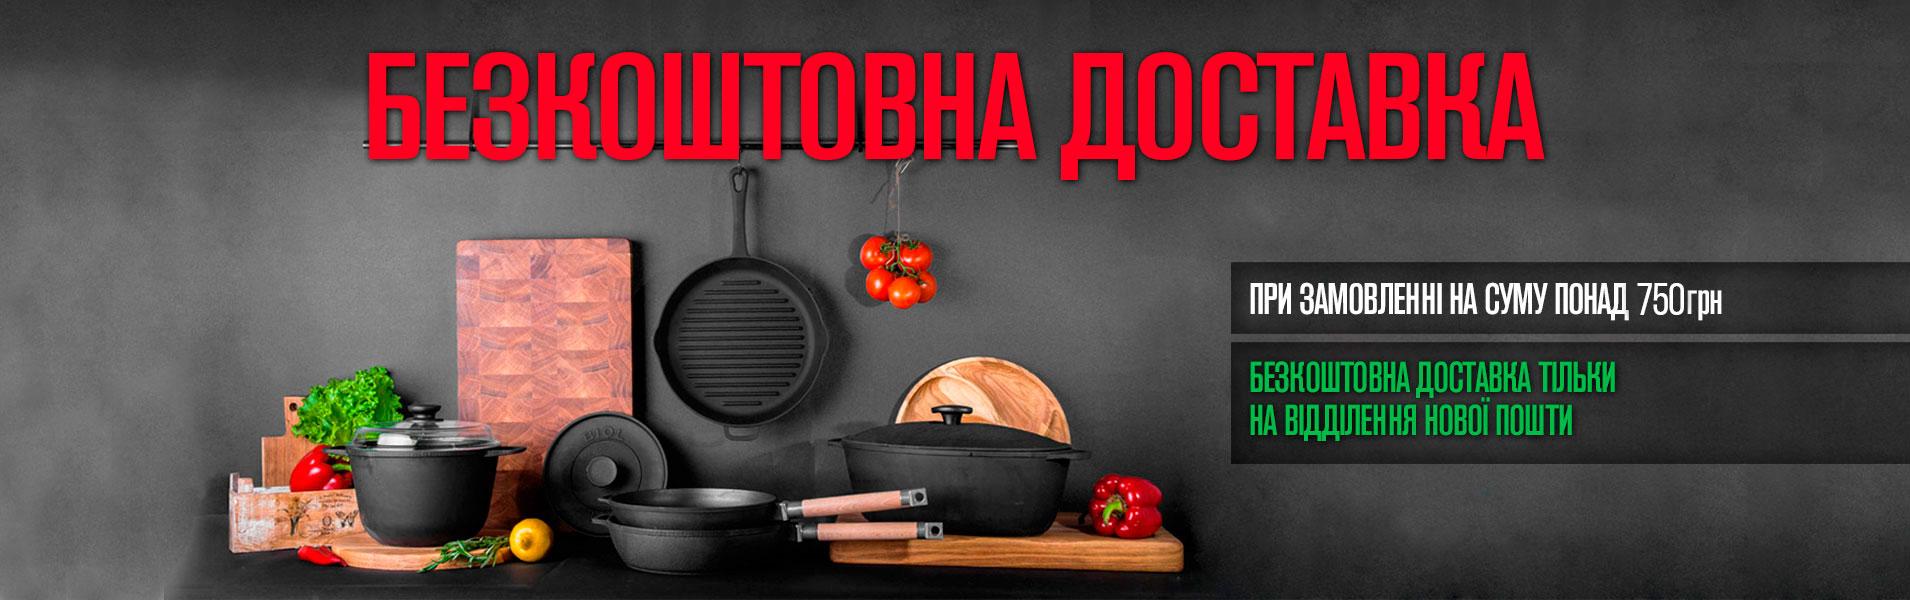 Бесплатная доставка Новой Почтой от 750 грн TM BIOL